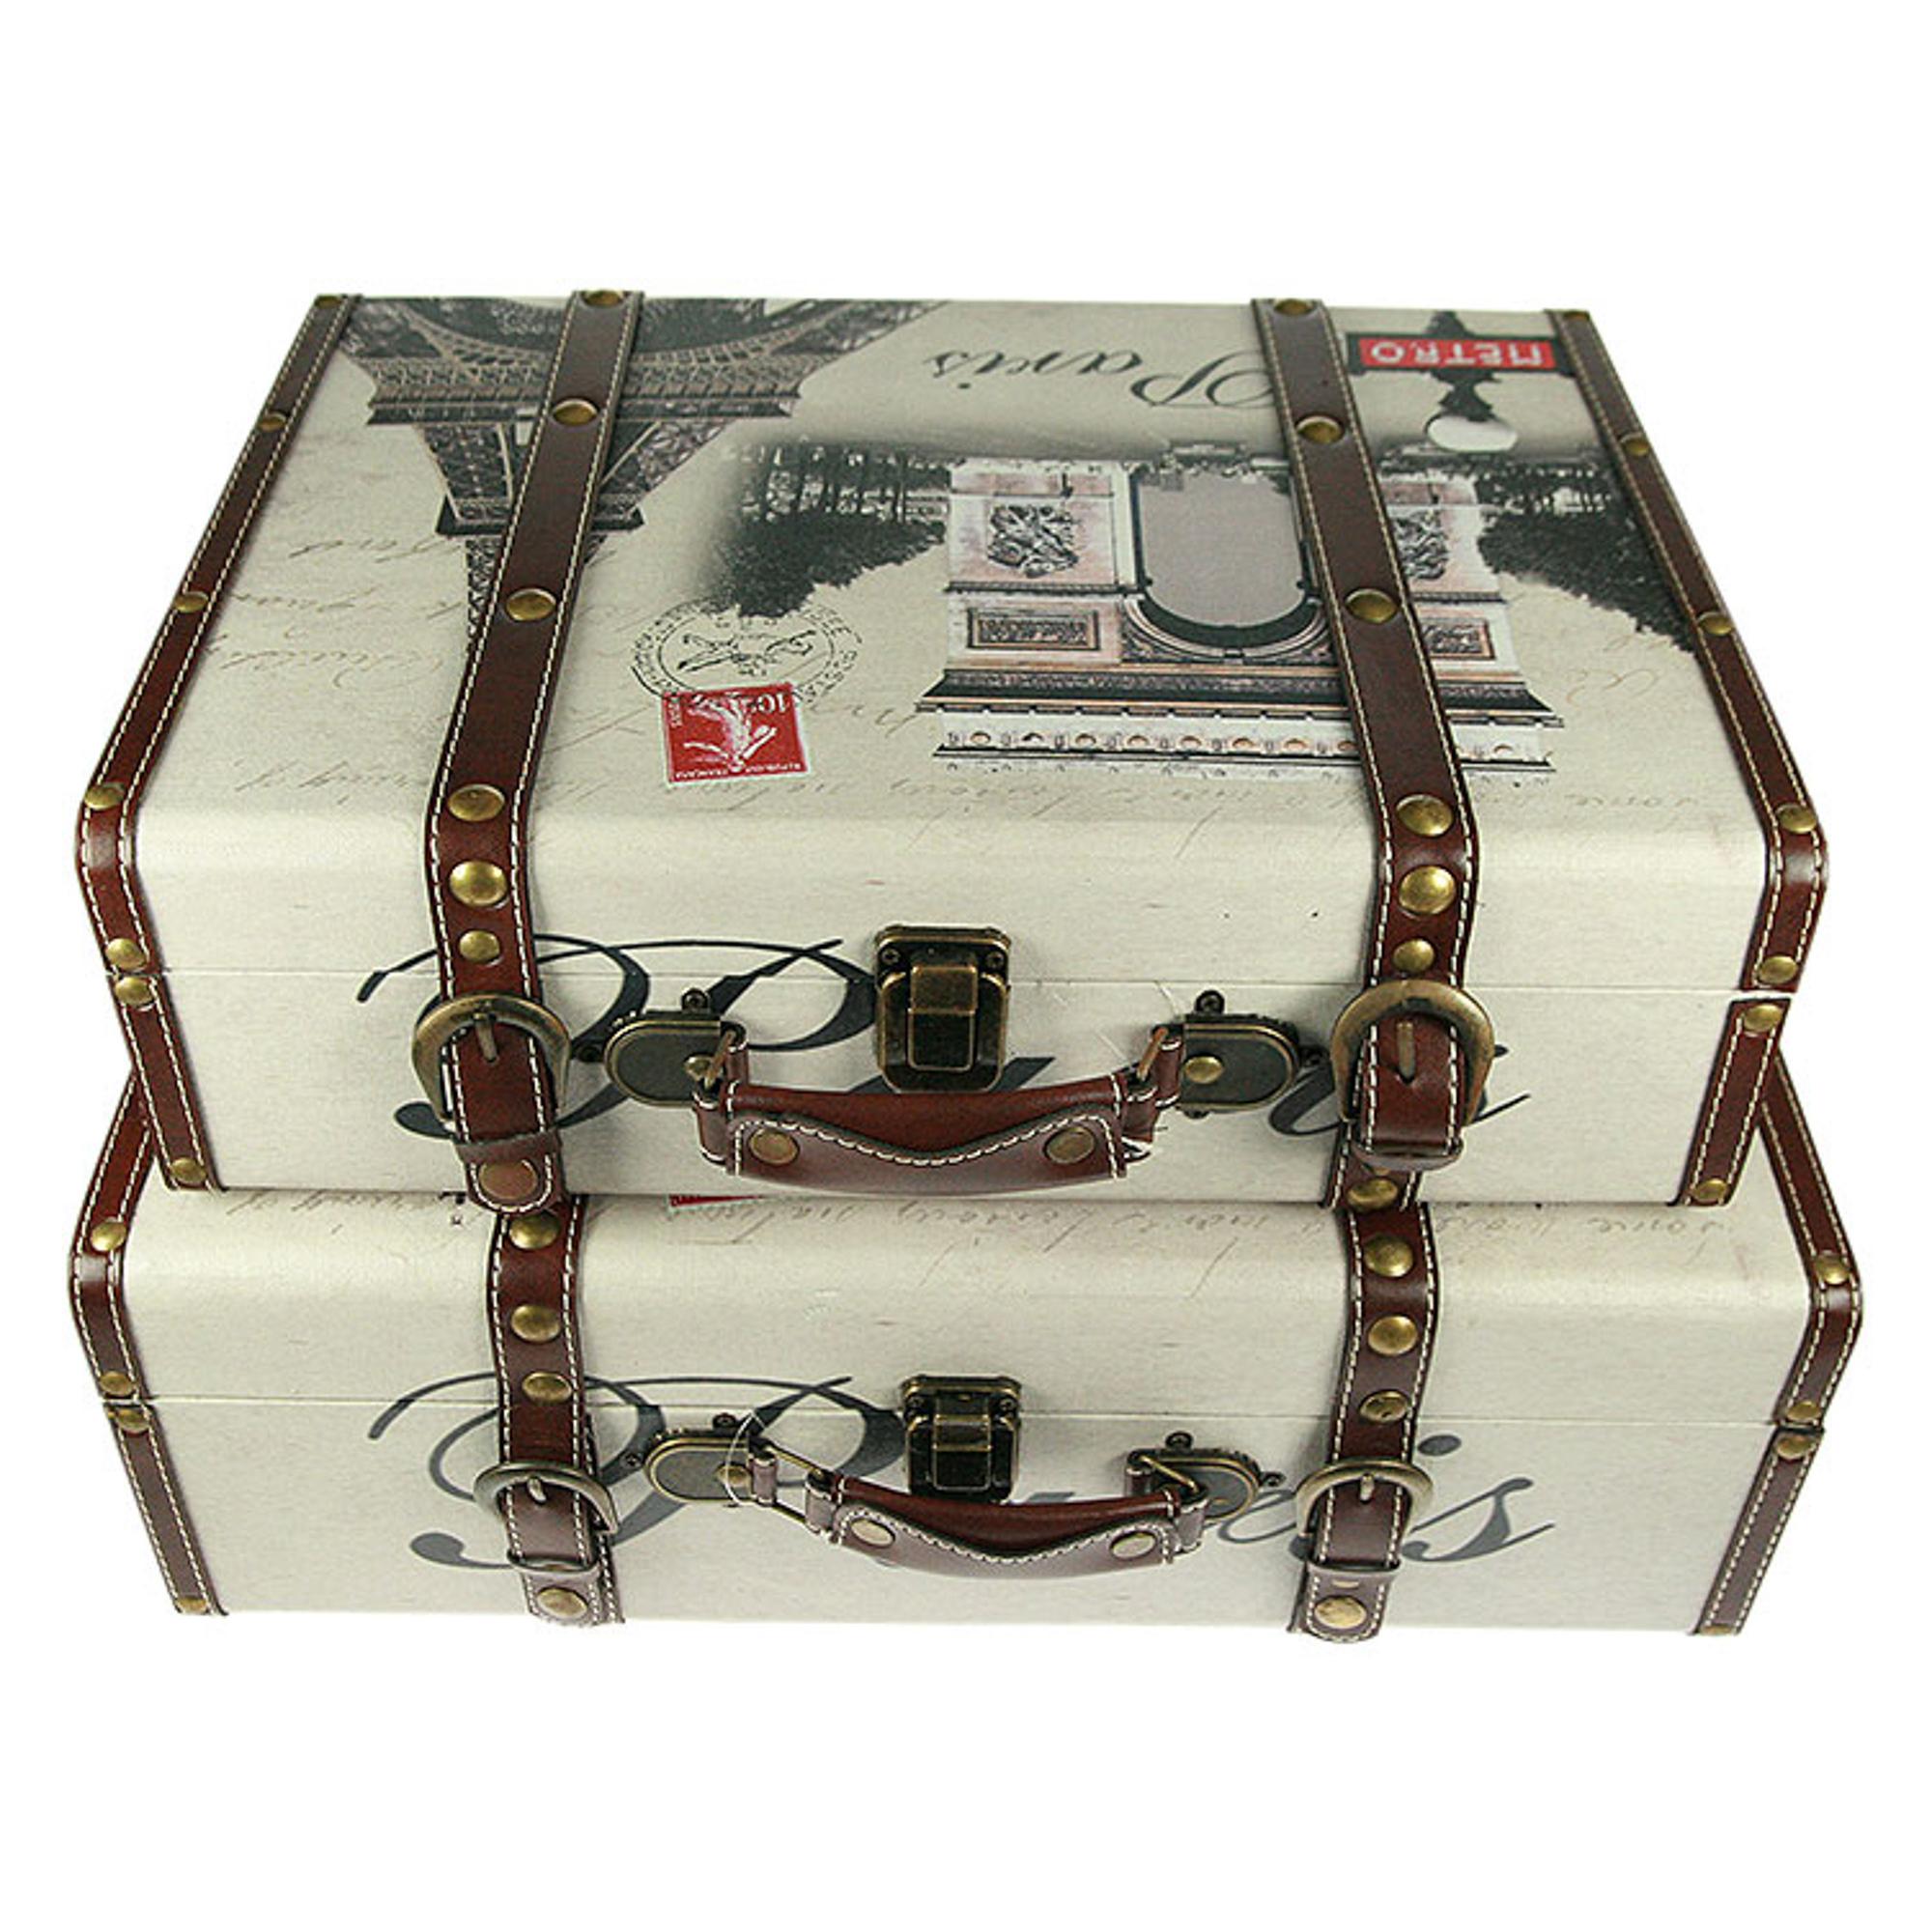 Набор сундучков Русские подарки 2 шт 49х38х17 см набор шкатулок фолиантов русские подарки 2 шт 27х18х7 см